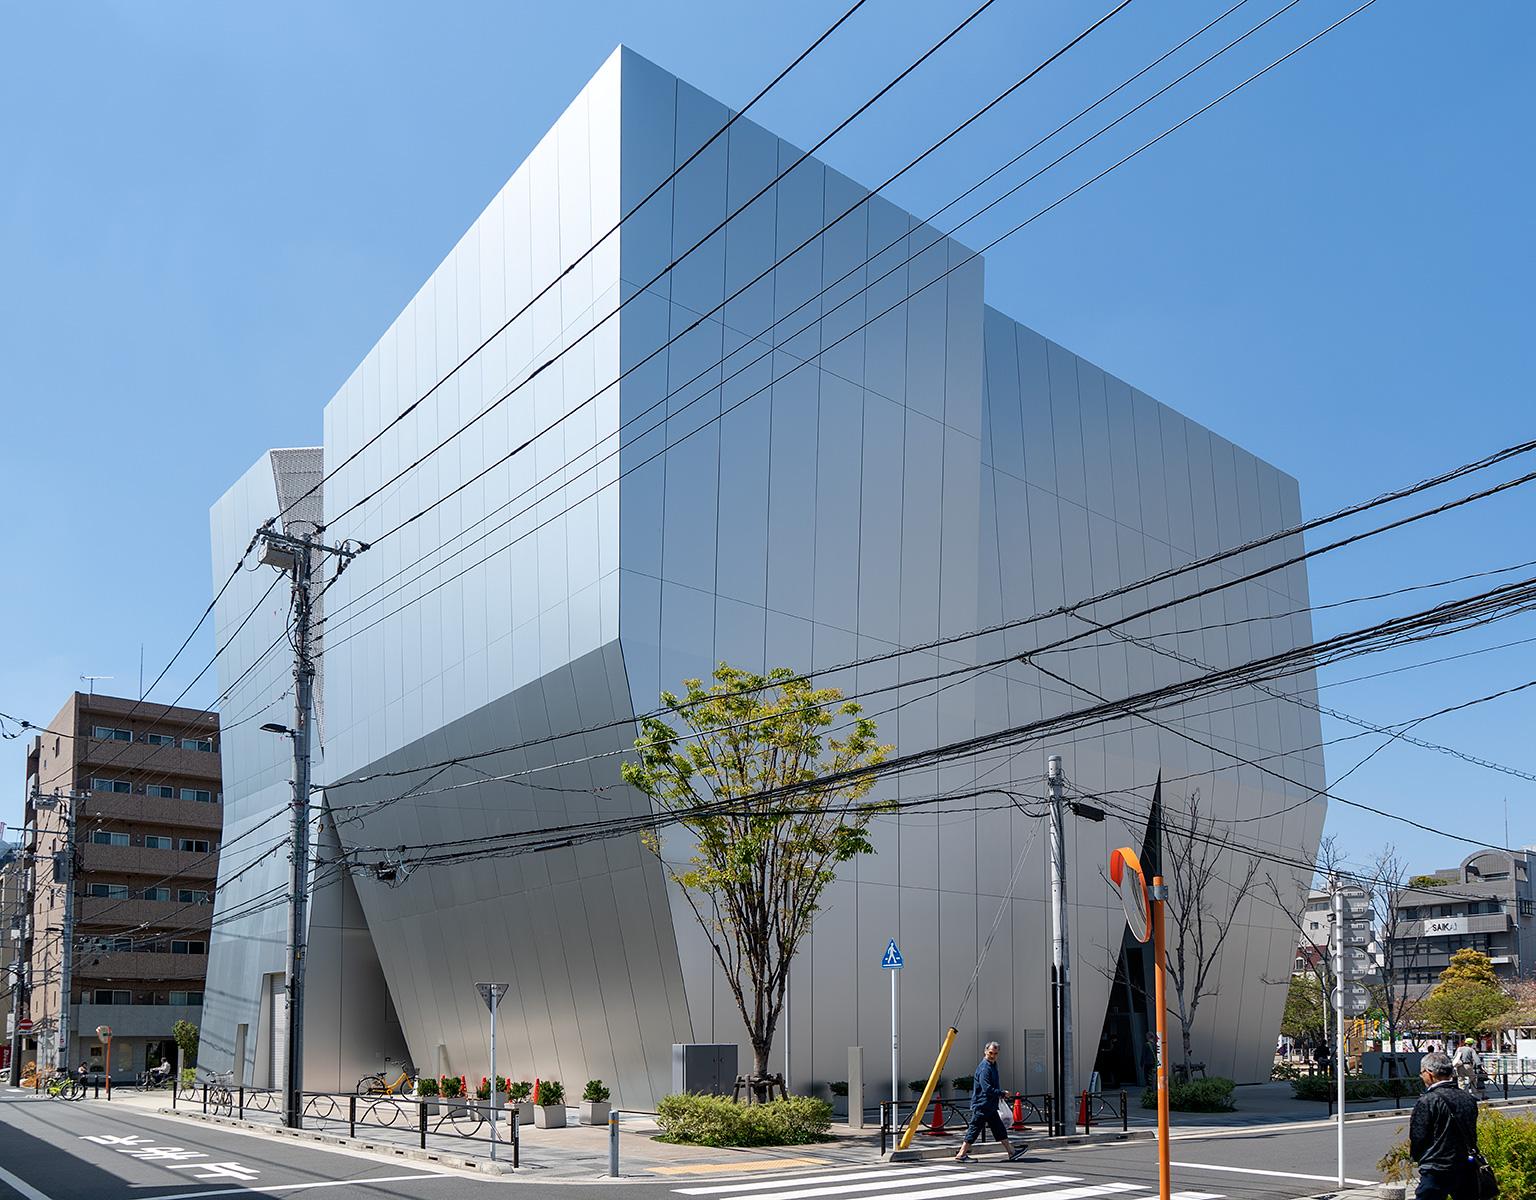 Museumsbau von der Straße gesehen